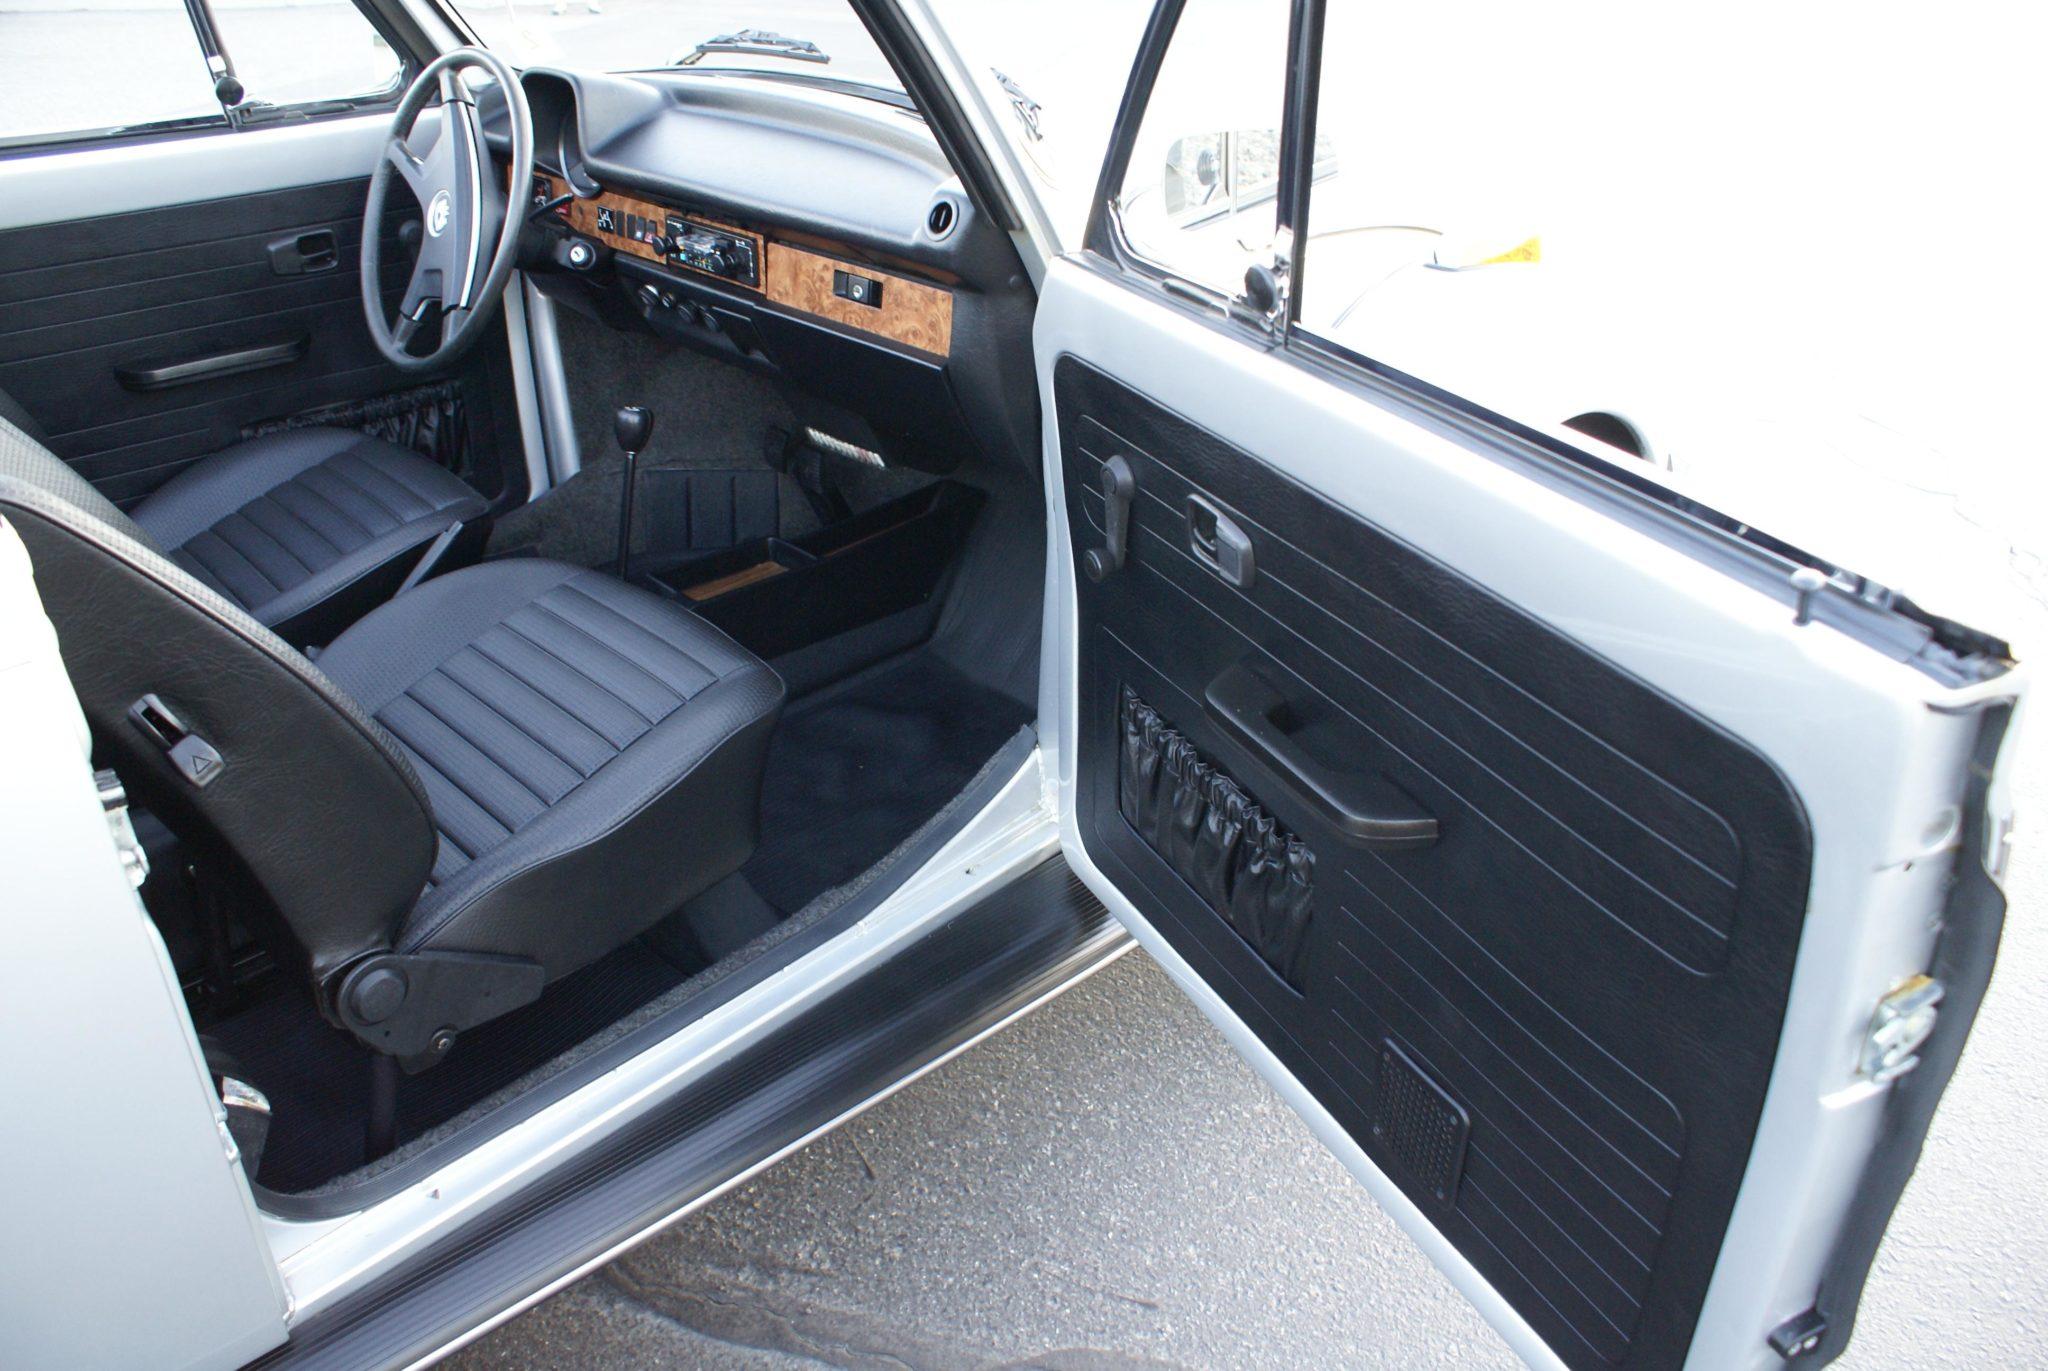 1979_volkswagen_super_beetle_cabriolet_15870721286f5ff3ef5edb259772020-04-08-19.23.03-scaled